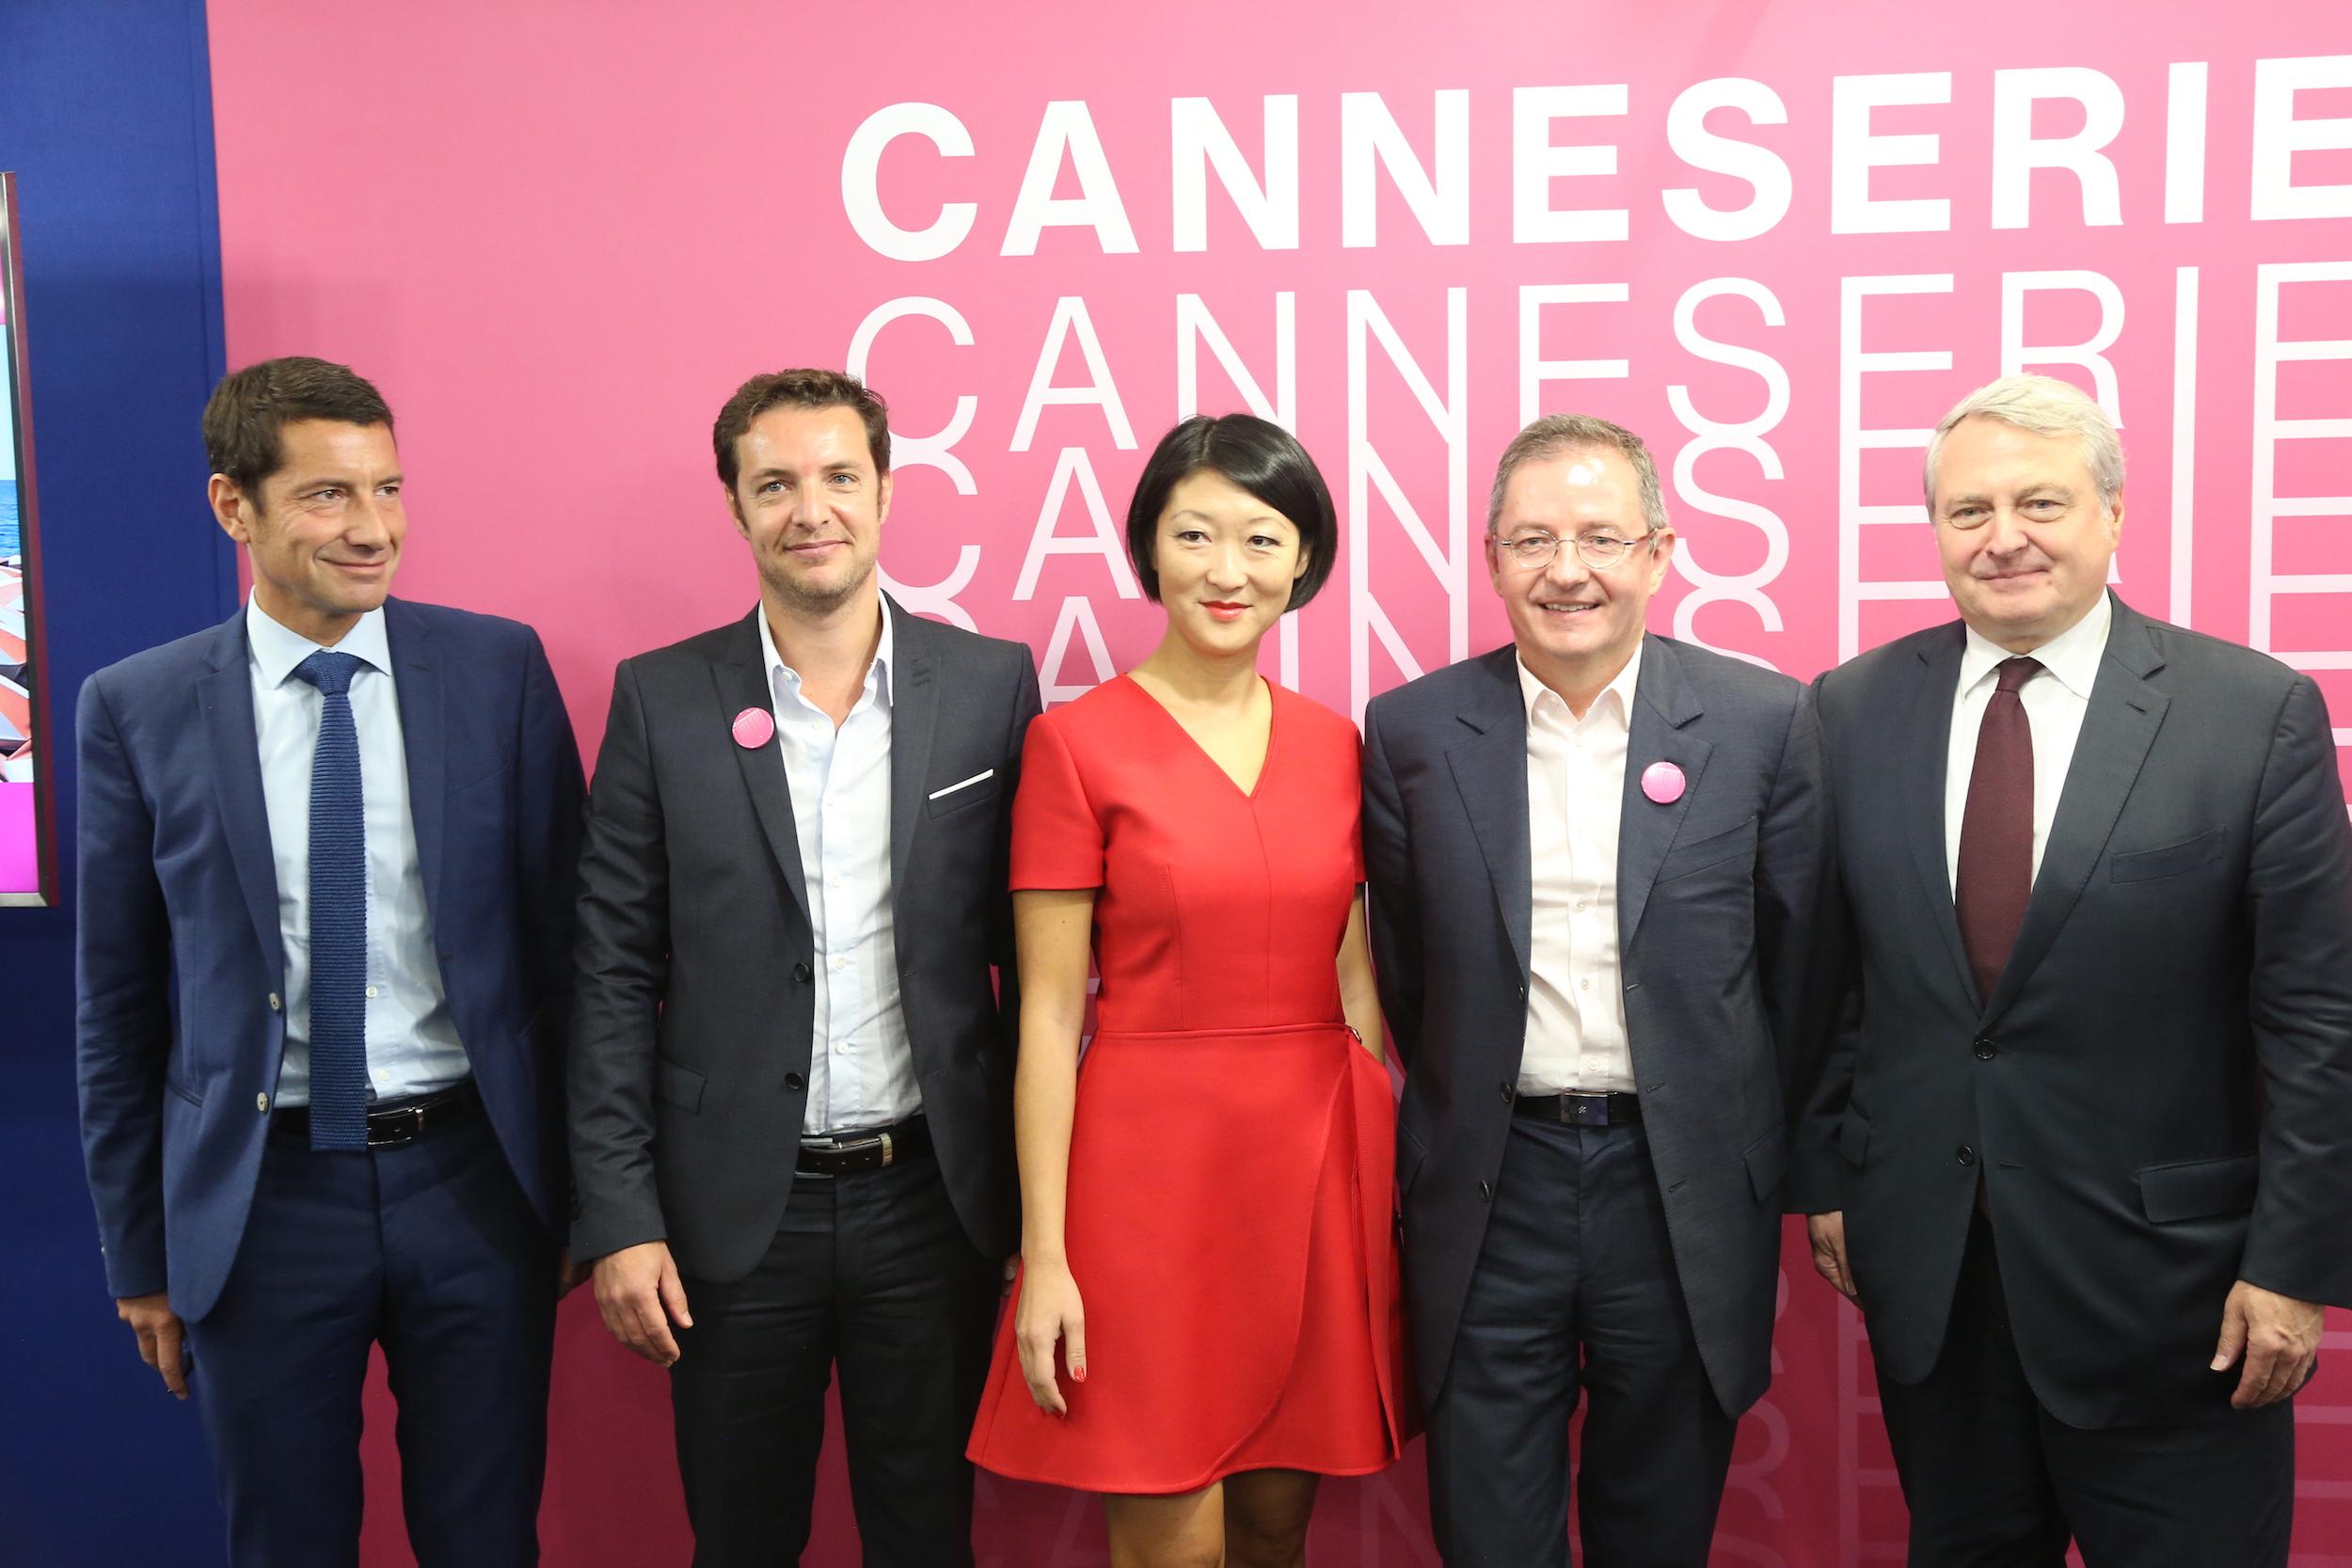 Cannes_Series.JPG